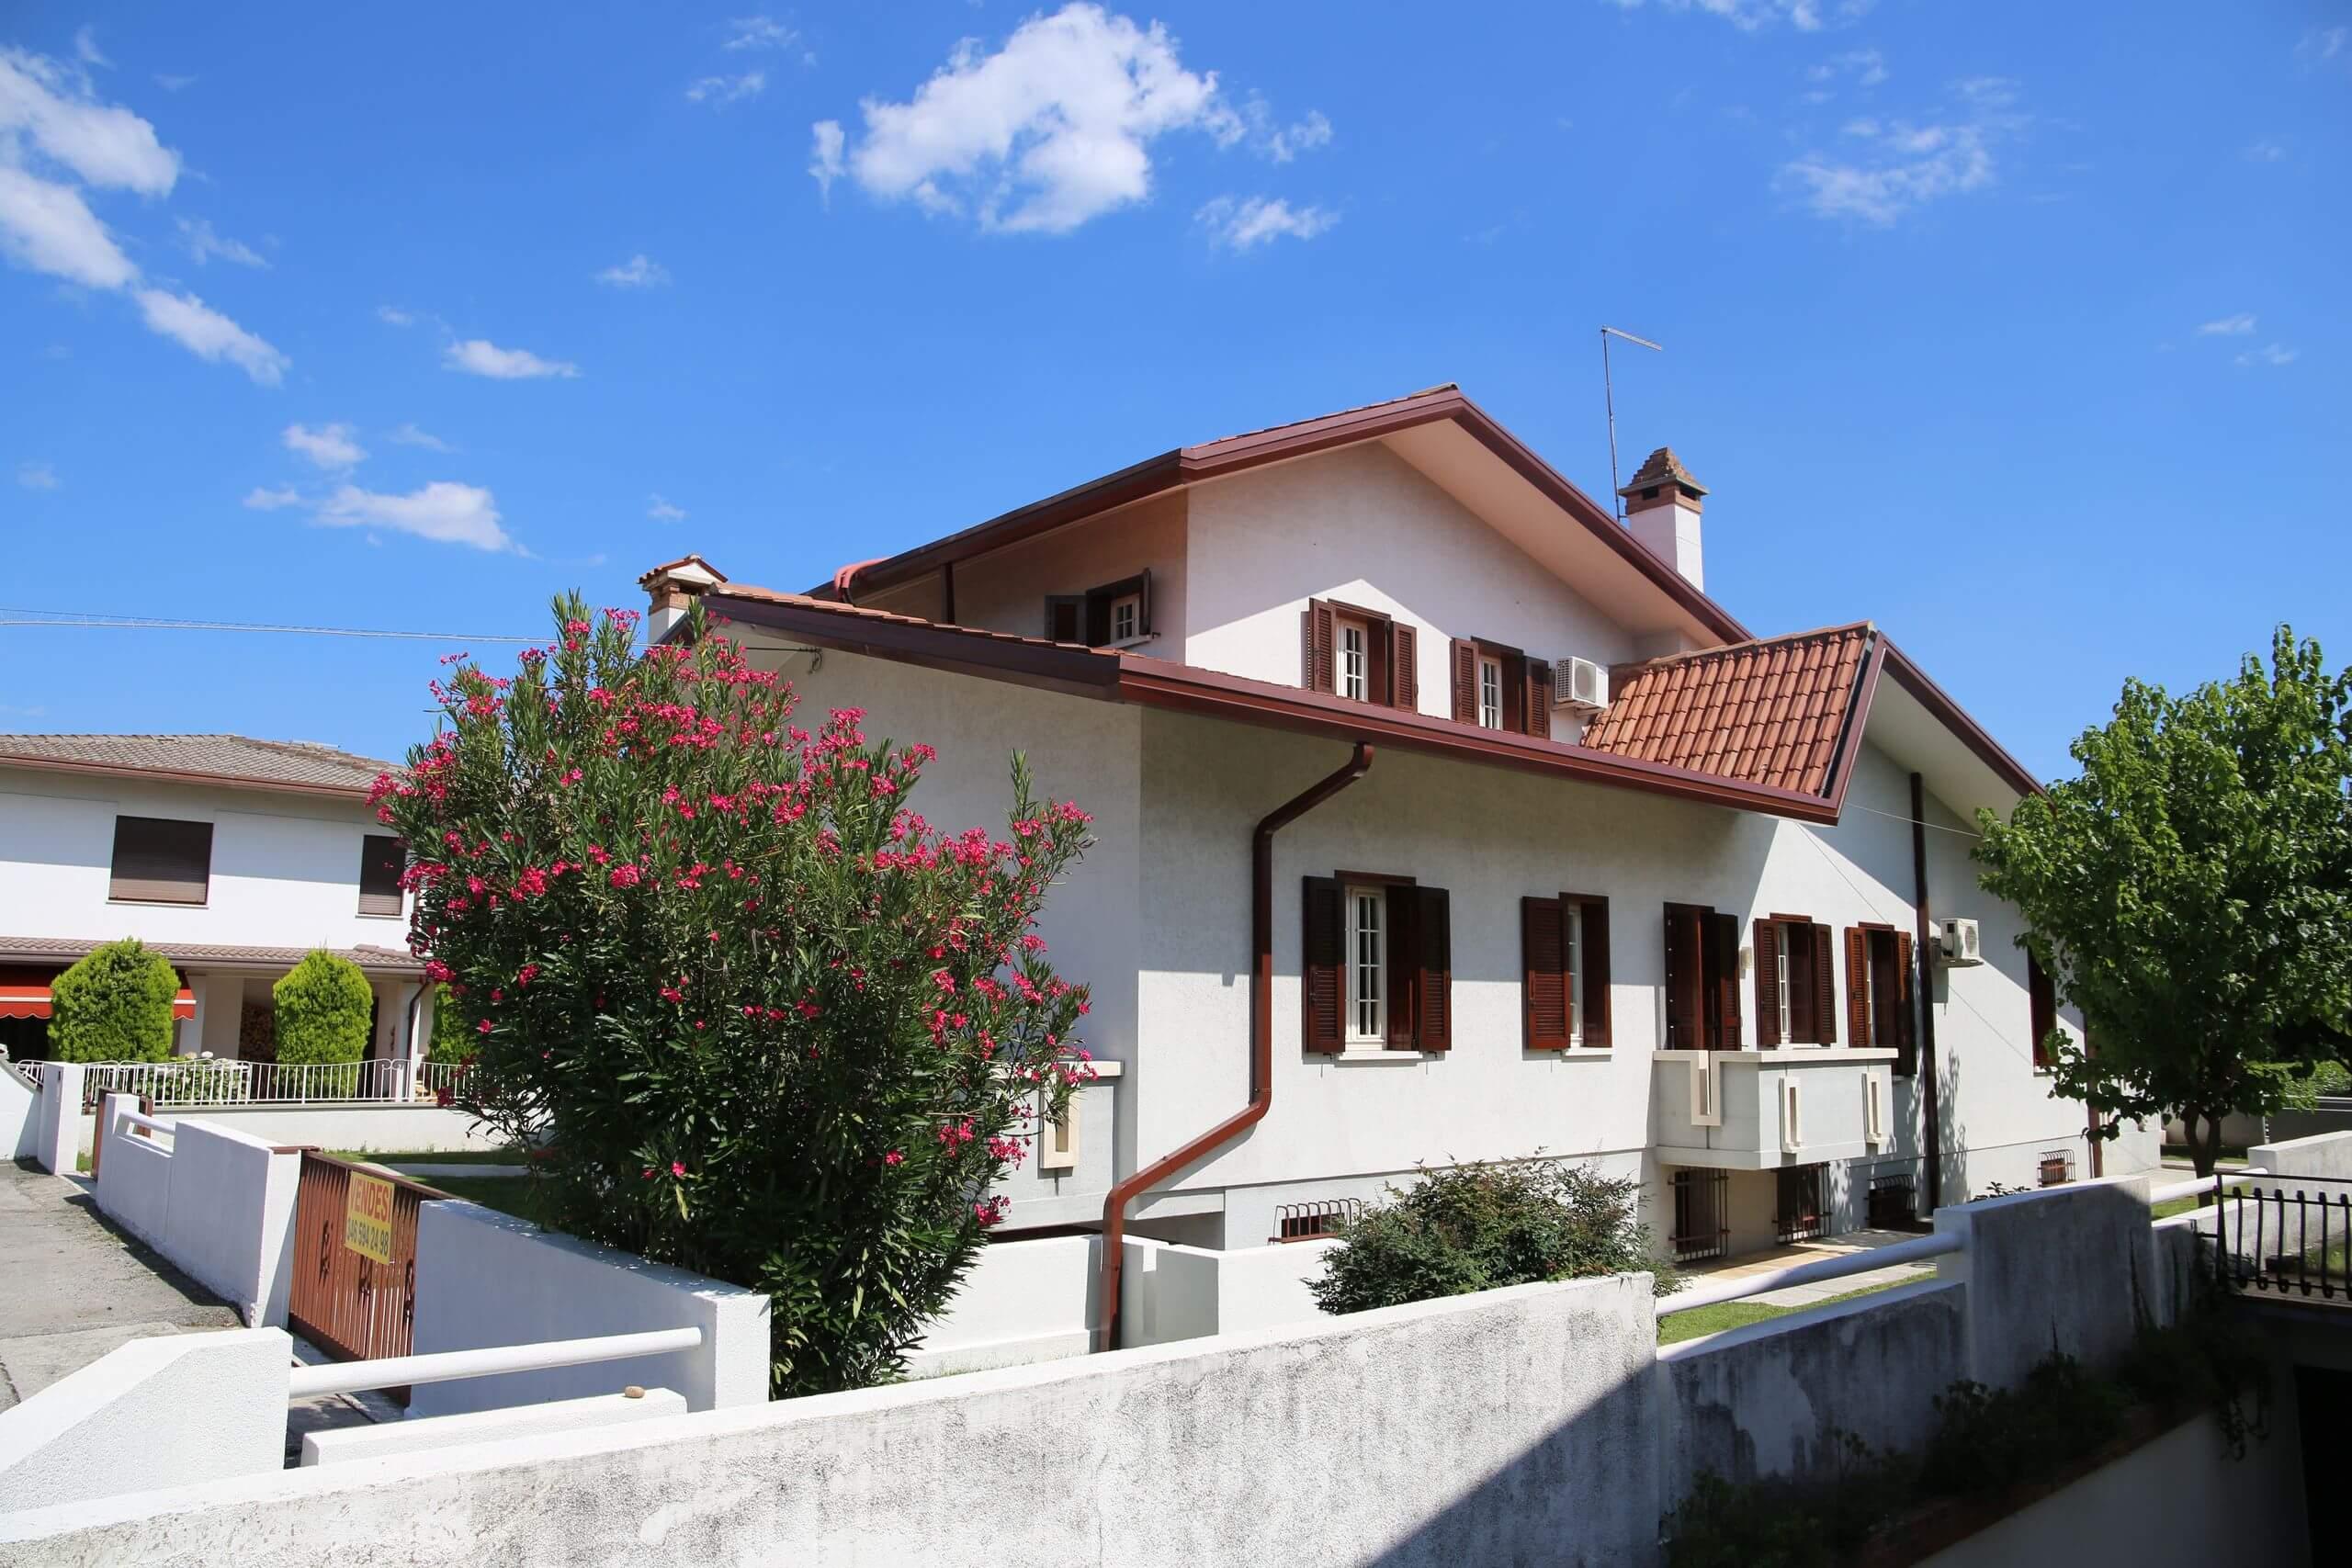 San Giuseppe di Cassola, al confine con Bassano, villa singola di ampie dimensioni